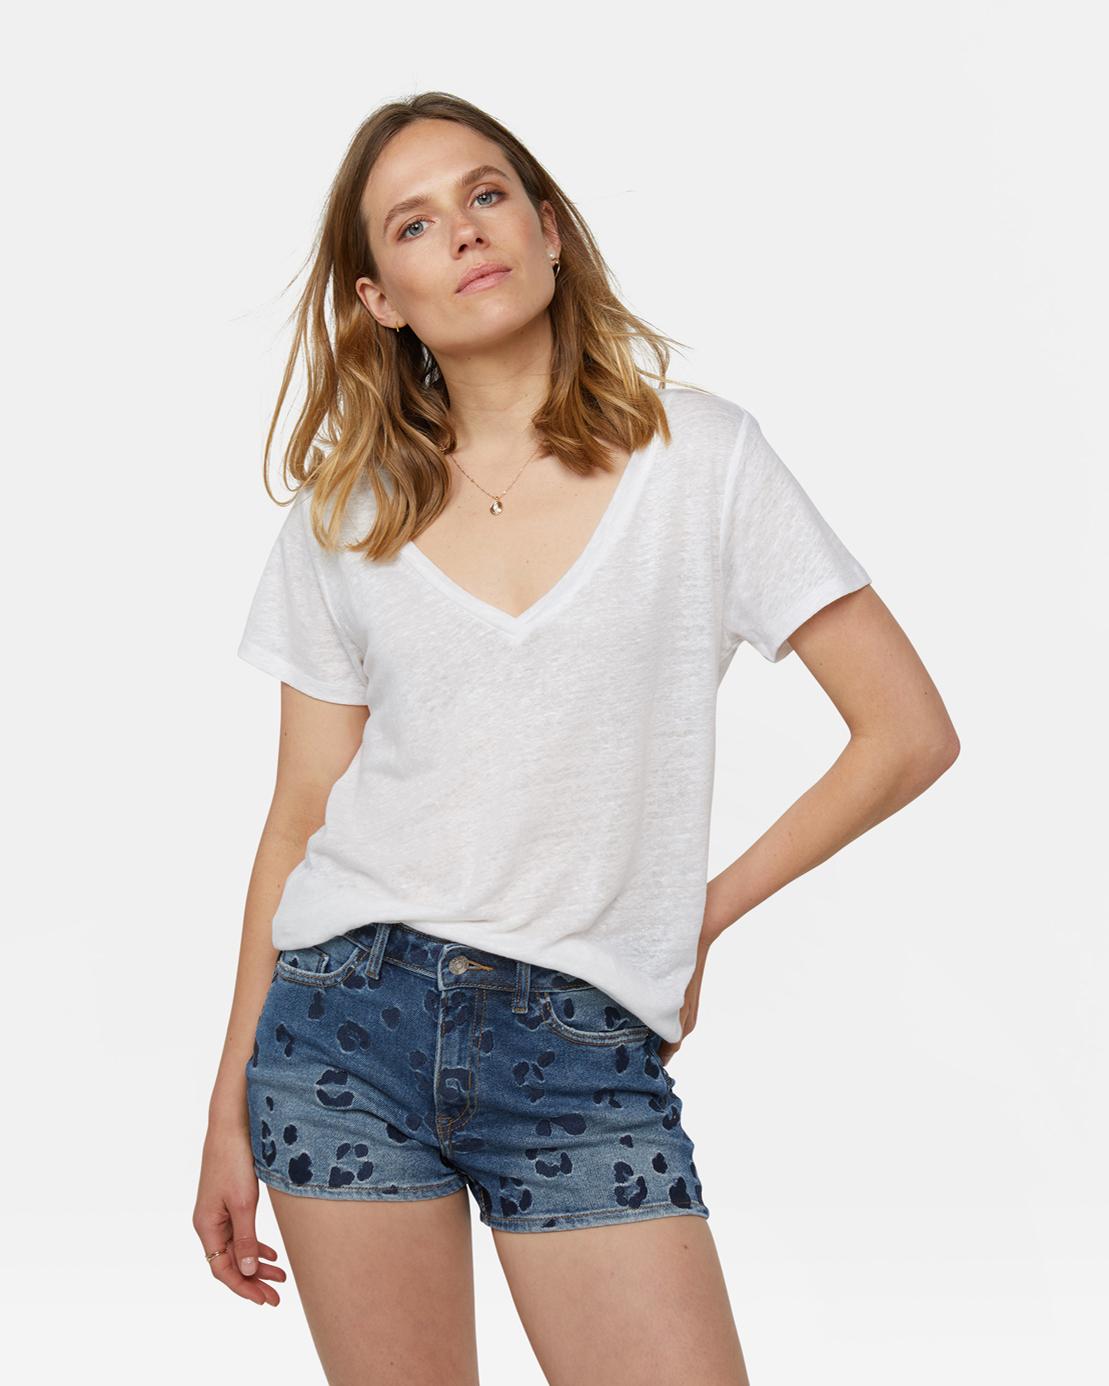 präsentieren klassischer Chic üppiges Design Damen-T-Shirt aus Leinen | 94513851 - WE Fashion